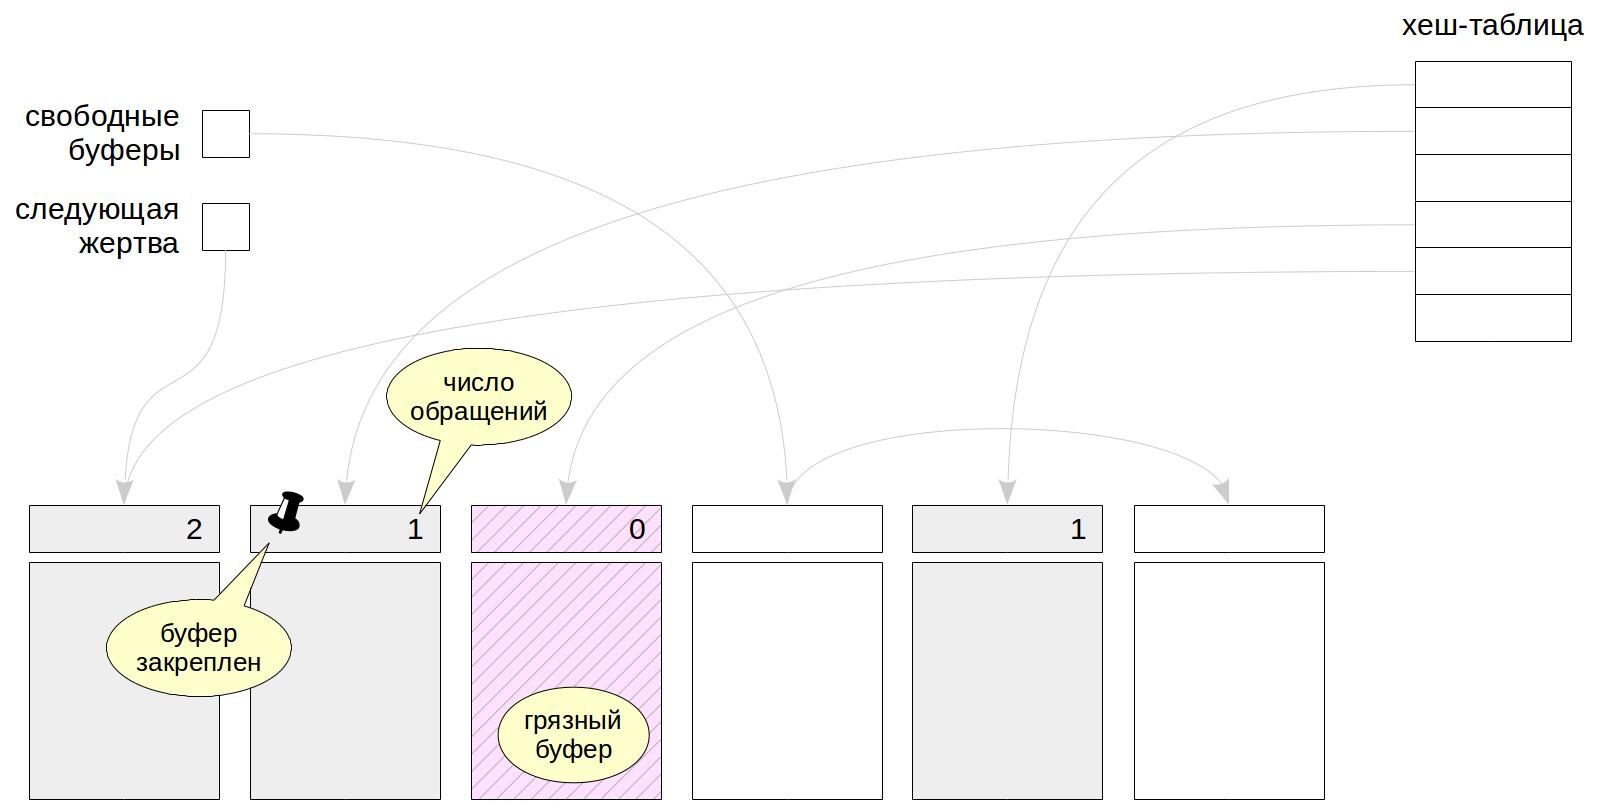 WAL в PostgreSQL: 1. Буферный кеш - 1